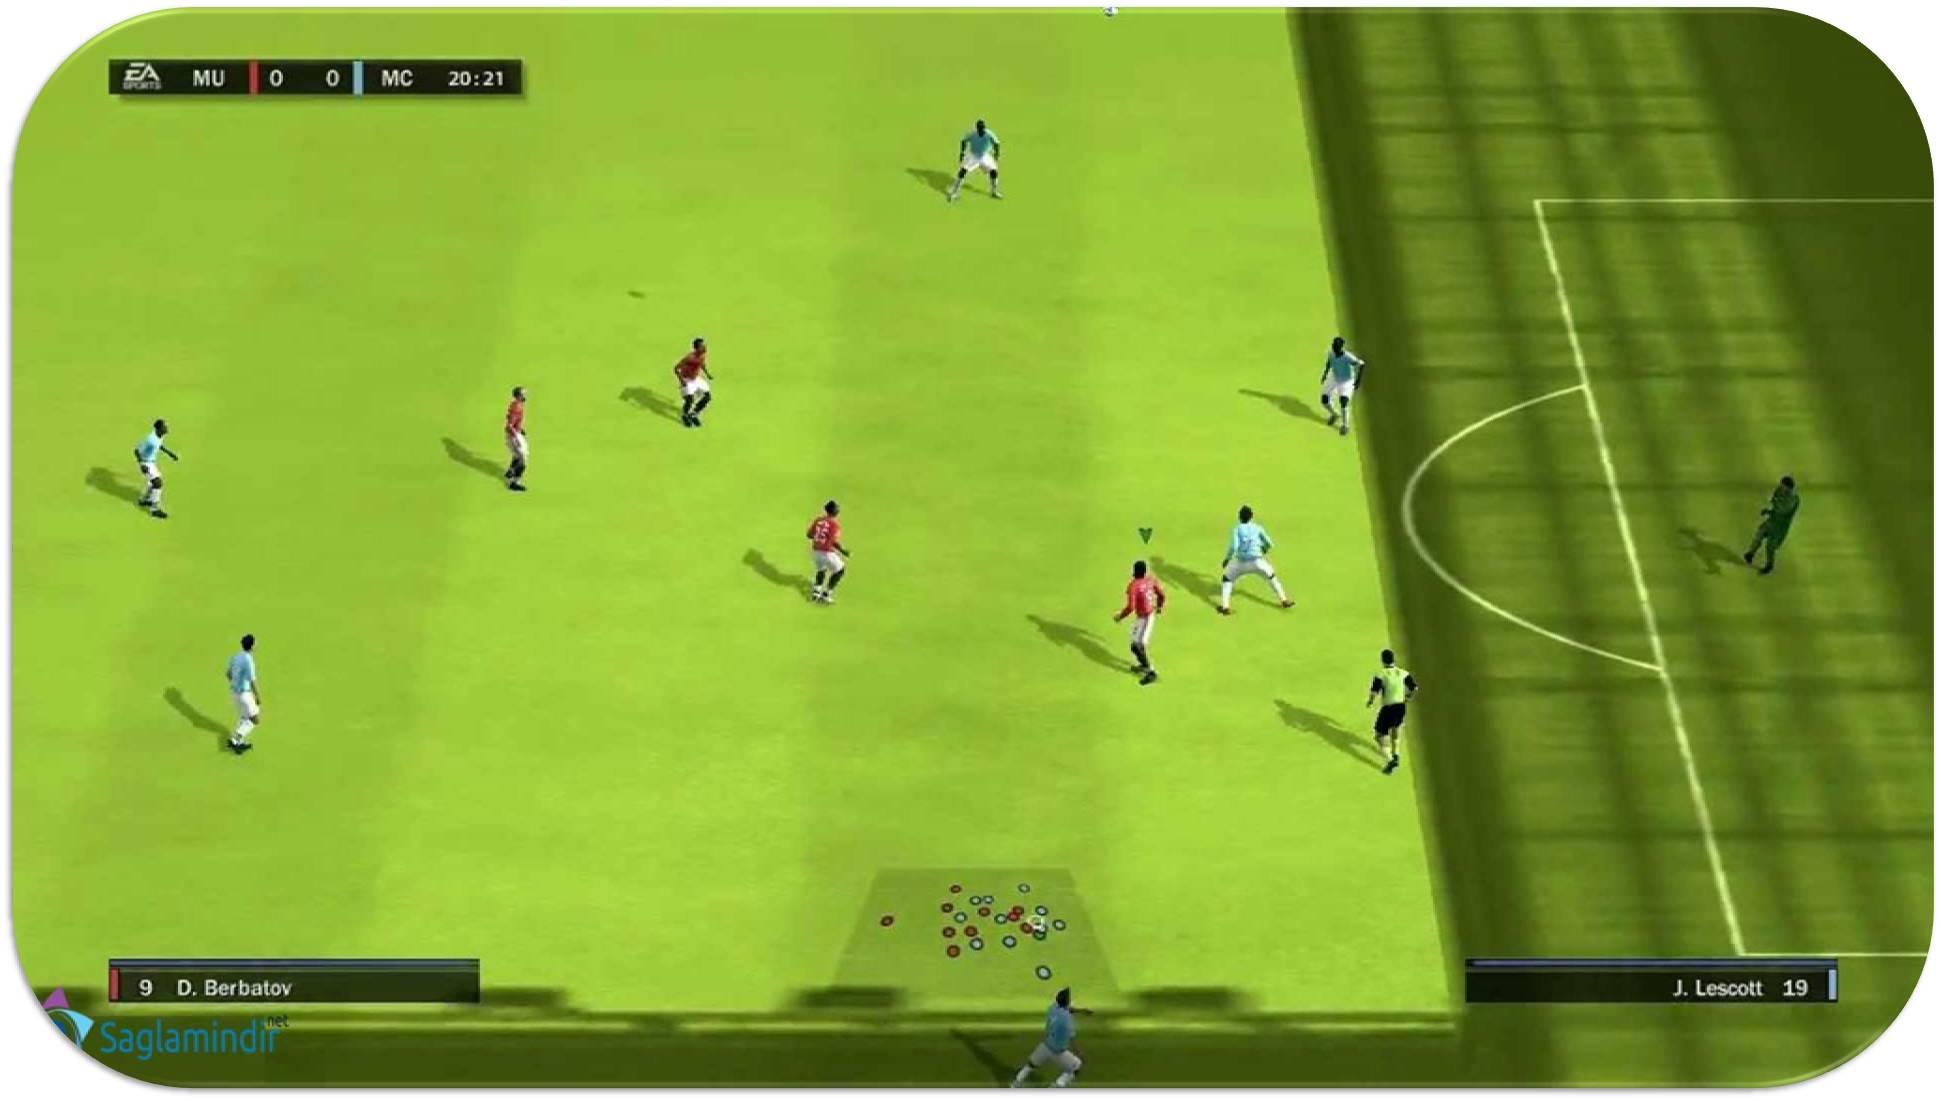 Fifa 10 saglamindir